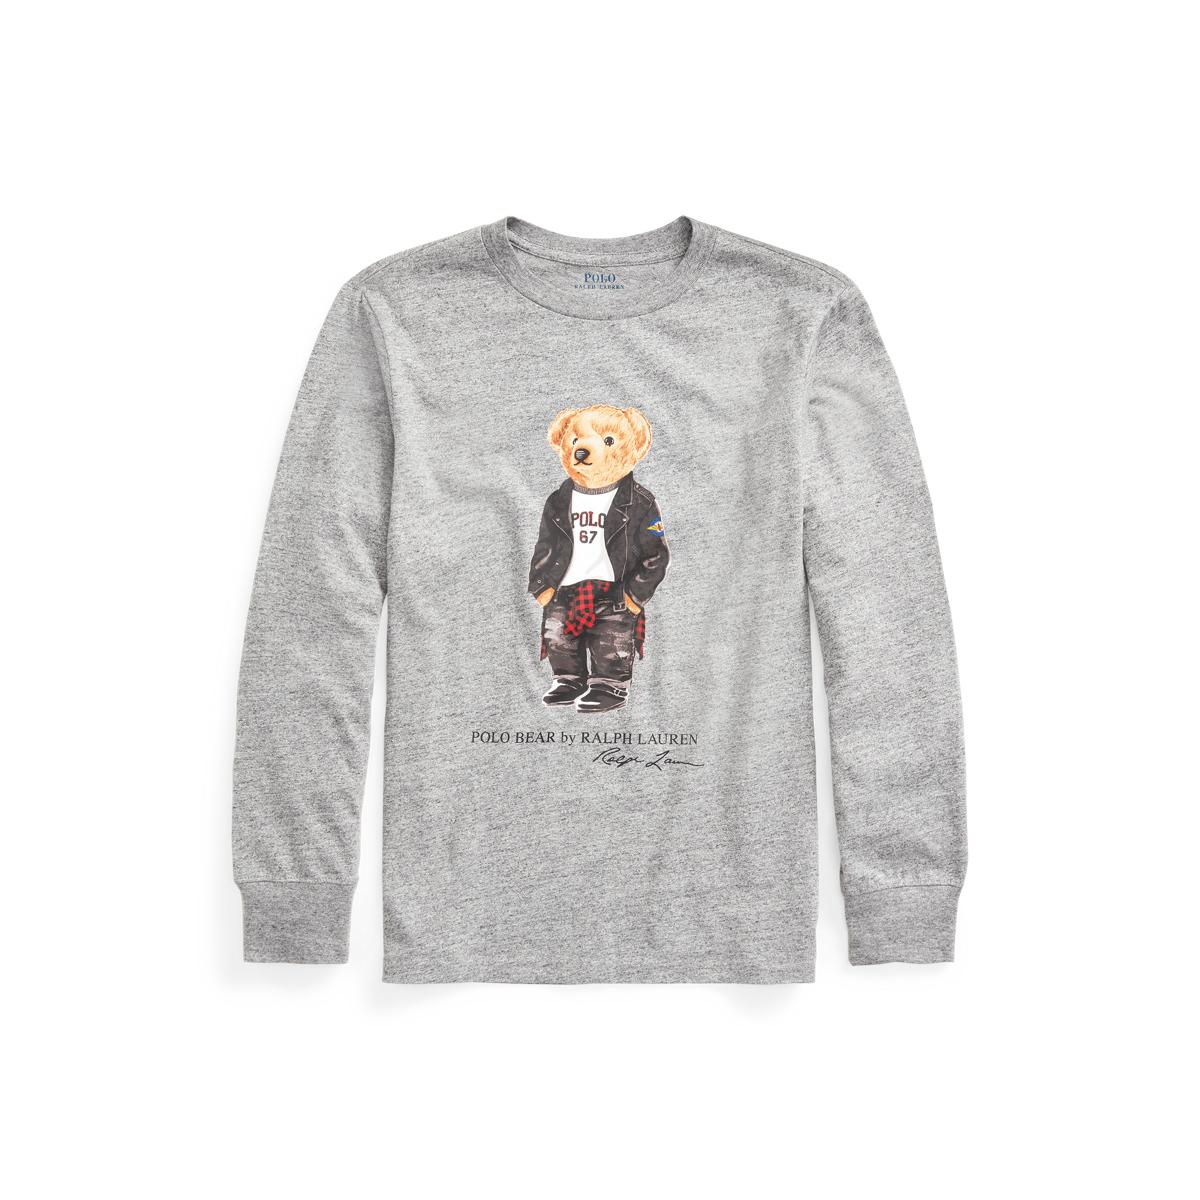 Polo Bear Cotton Jersey Tee